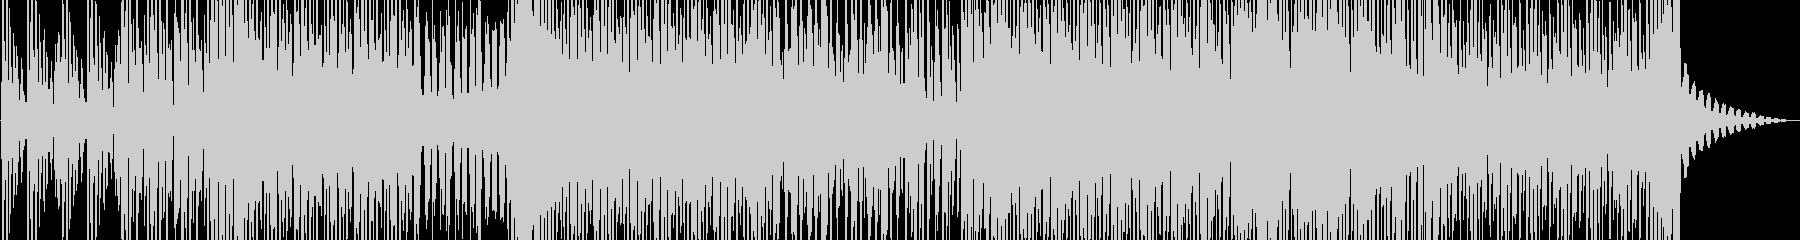 軽快でレトロ感のある、踊りたくなるBGMの未再生の波形